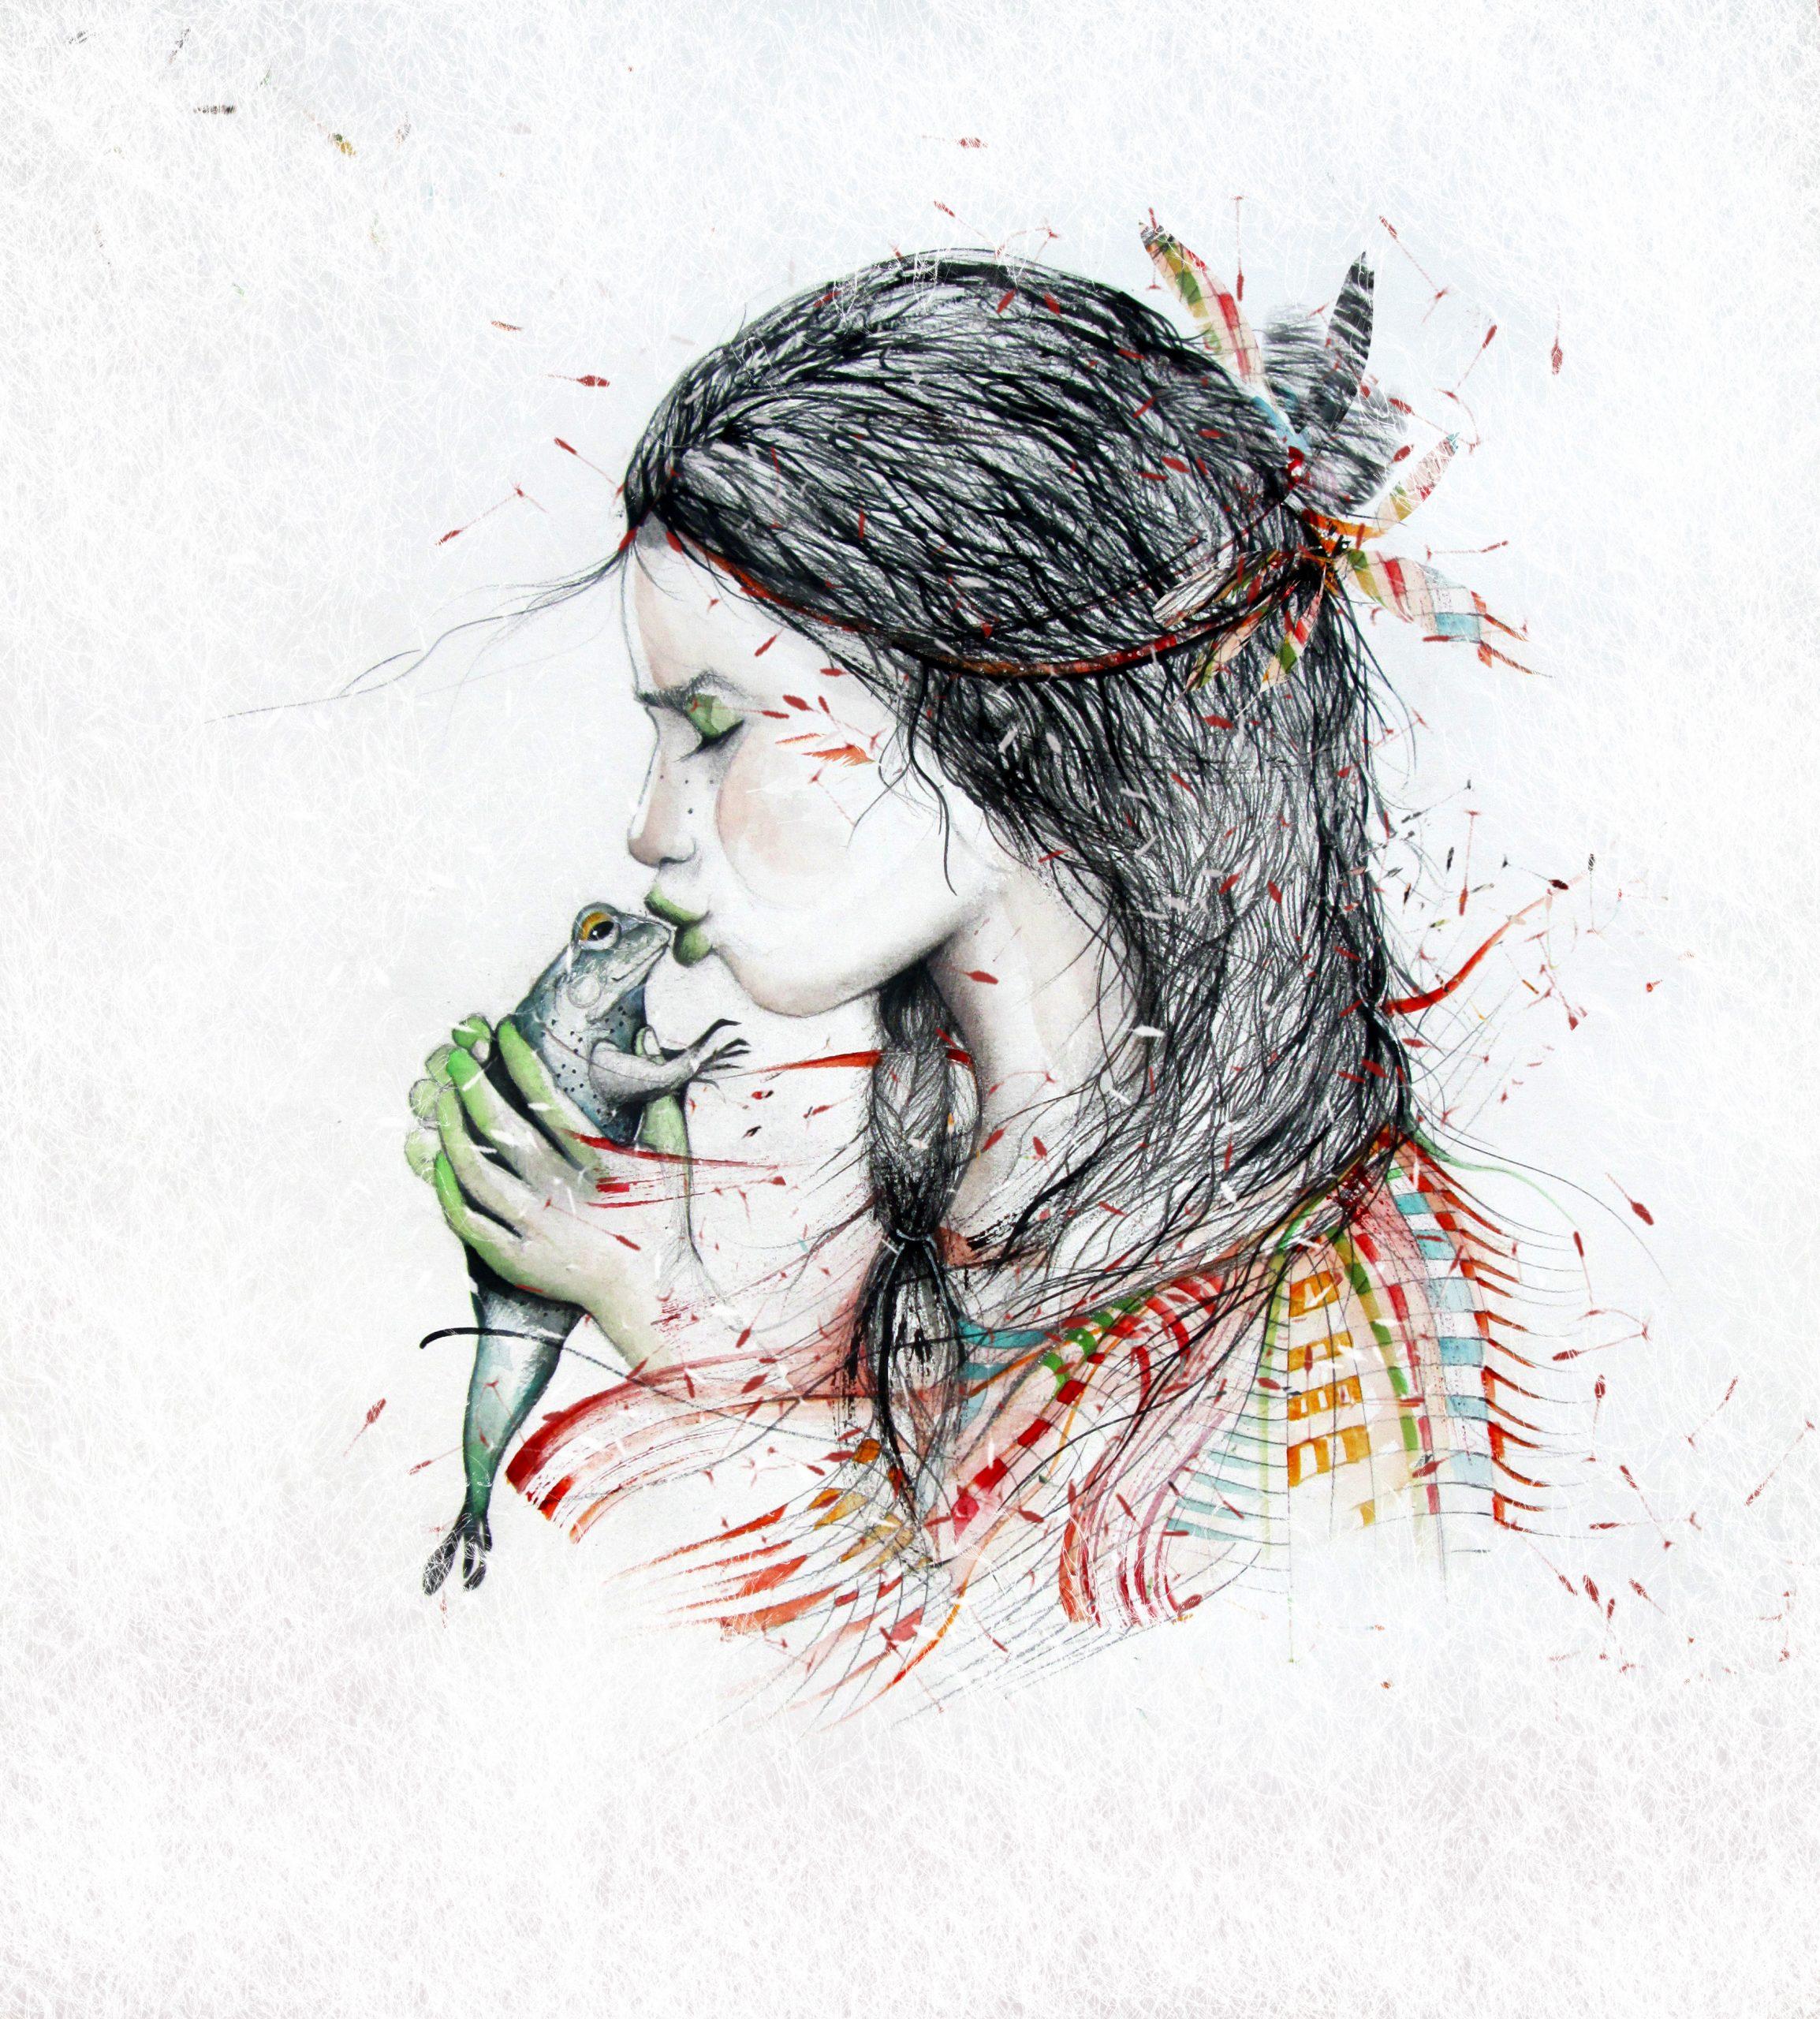 Desamor. Per fi l'amor. A les mans. A tocar dels llavis. Ceguesa de passió. Petons que maten. Verí verd. Amarg despertar. I de vegades sense antídot.